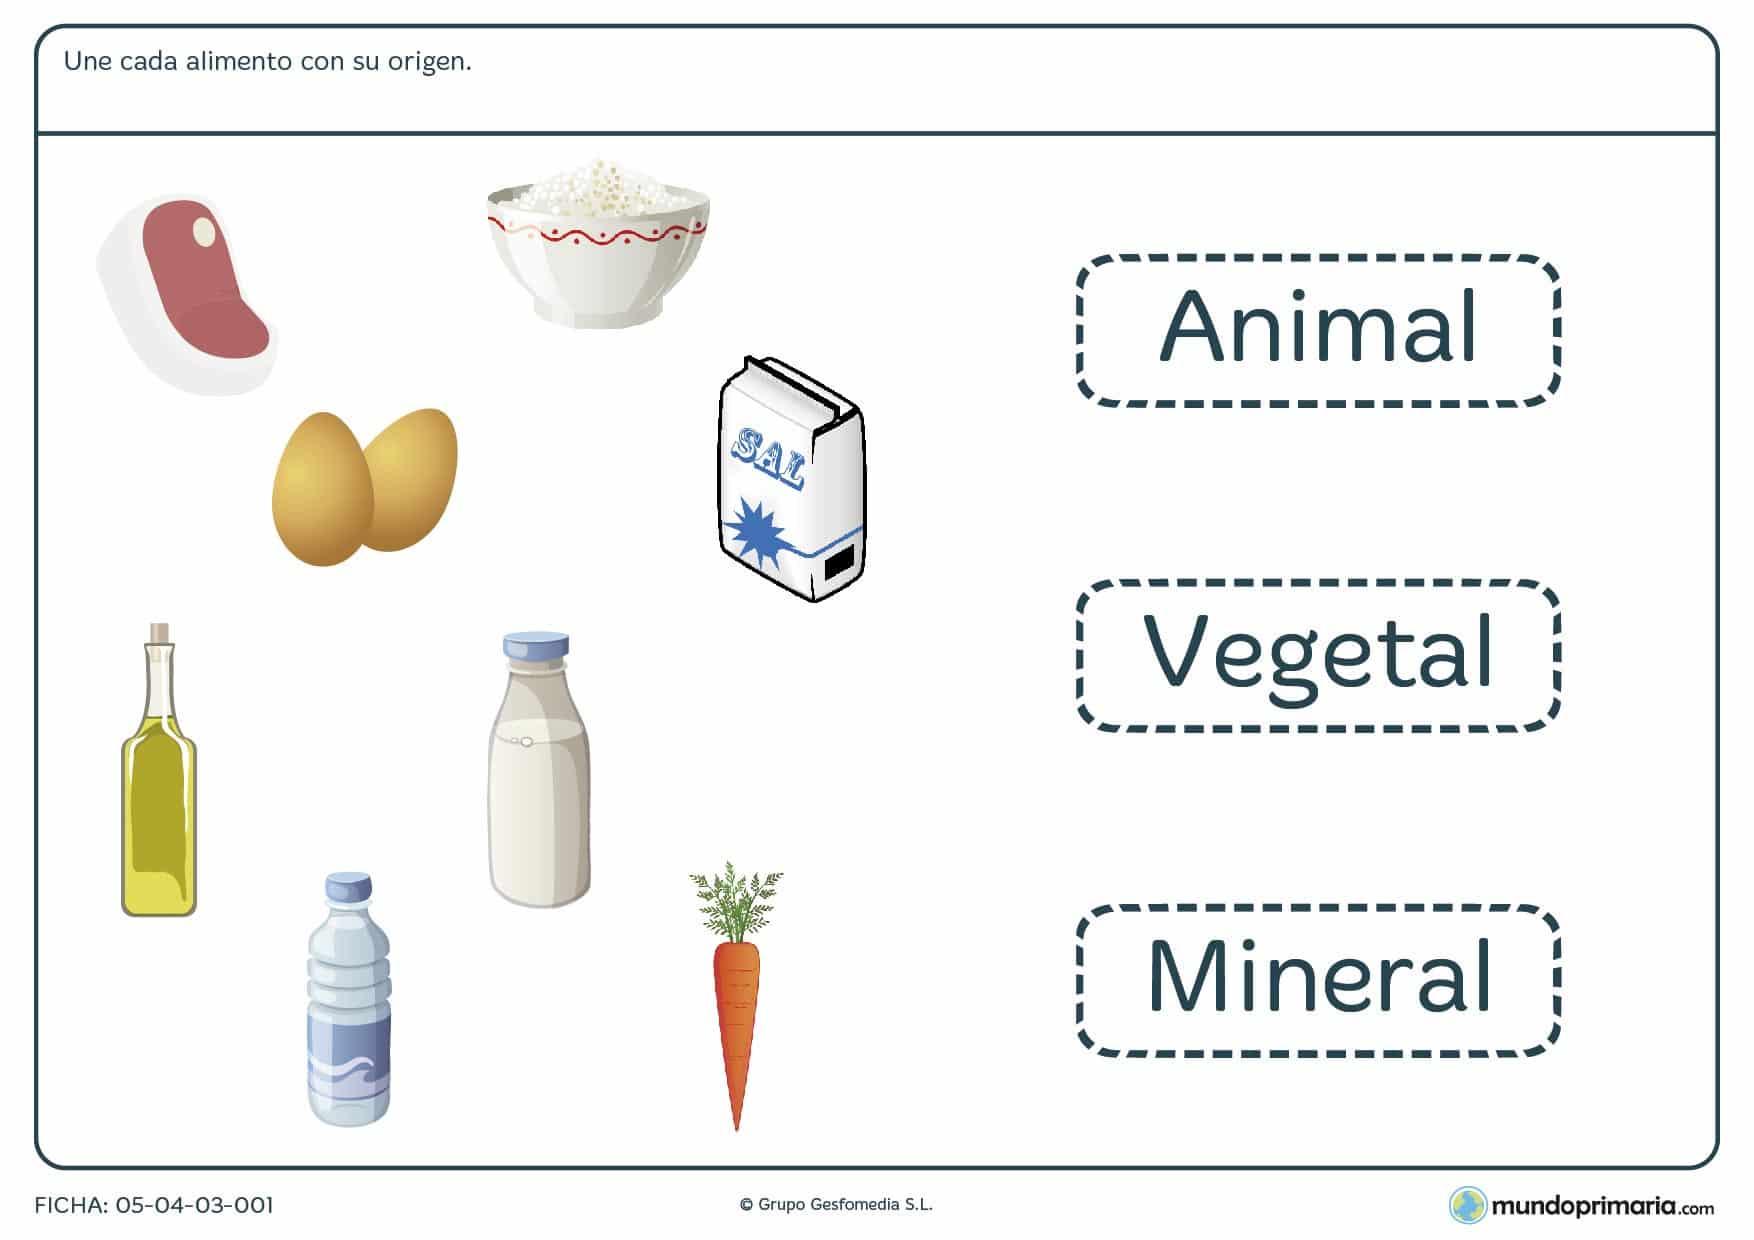 Ficha del origen de los alimentos en las que has de unir cada alimento con su origen, animal, vegetal o mineral.